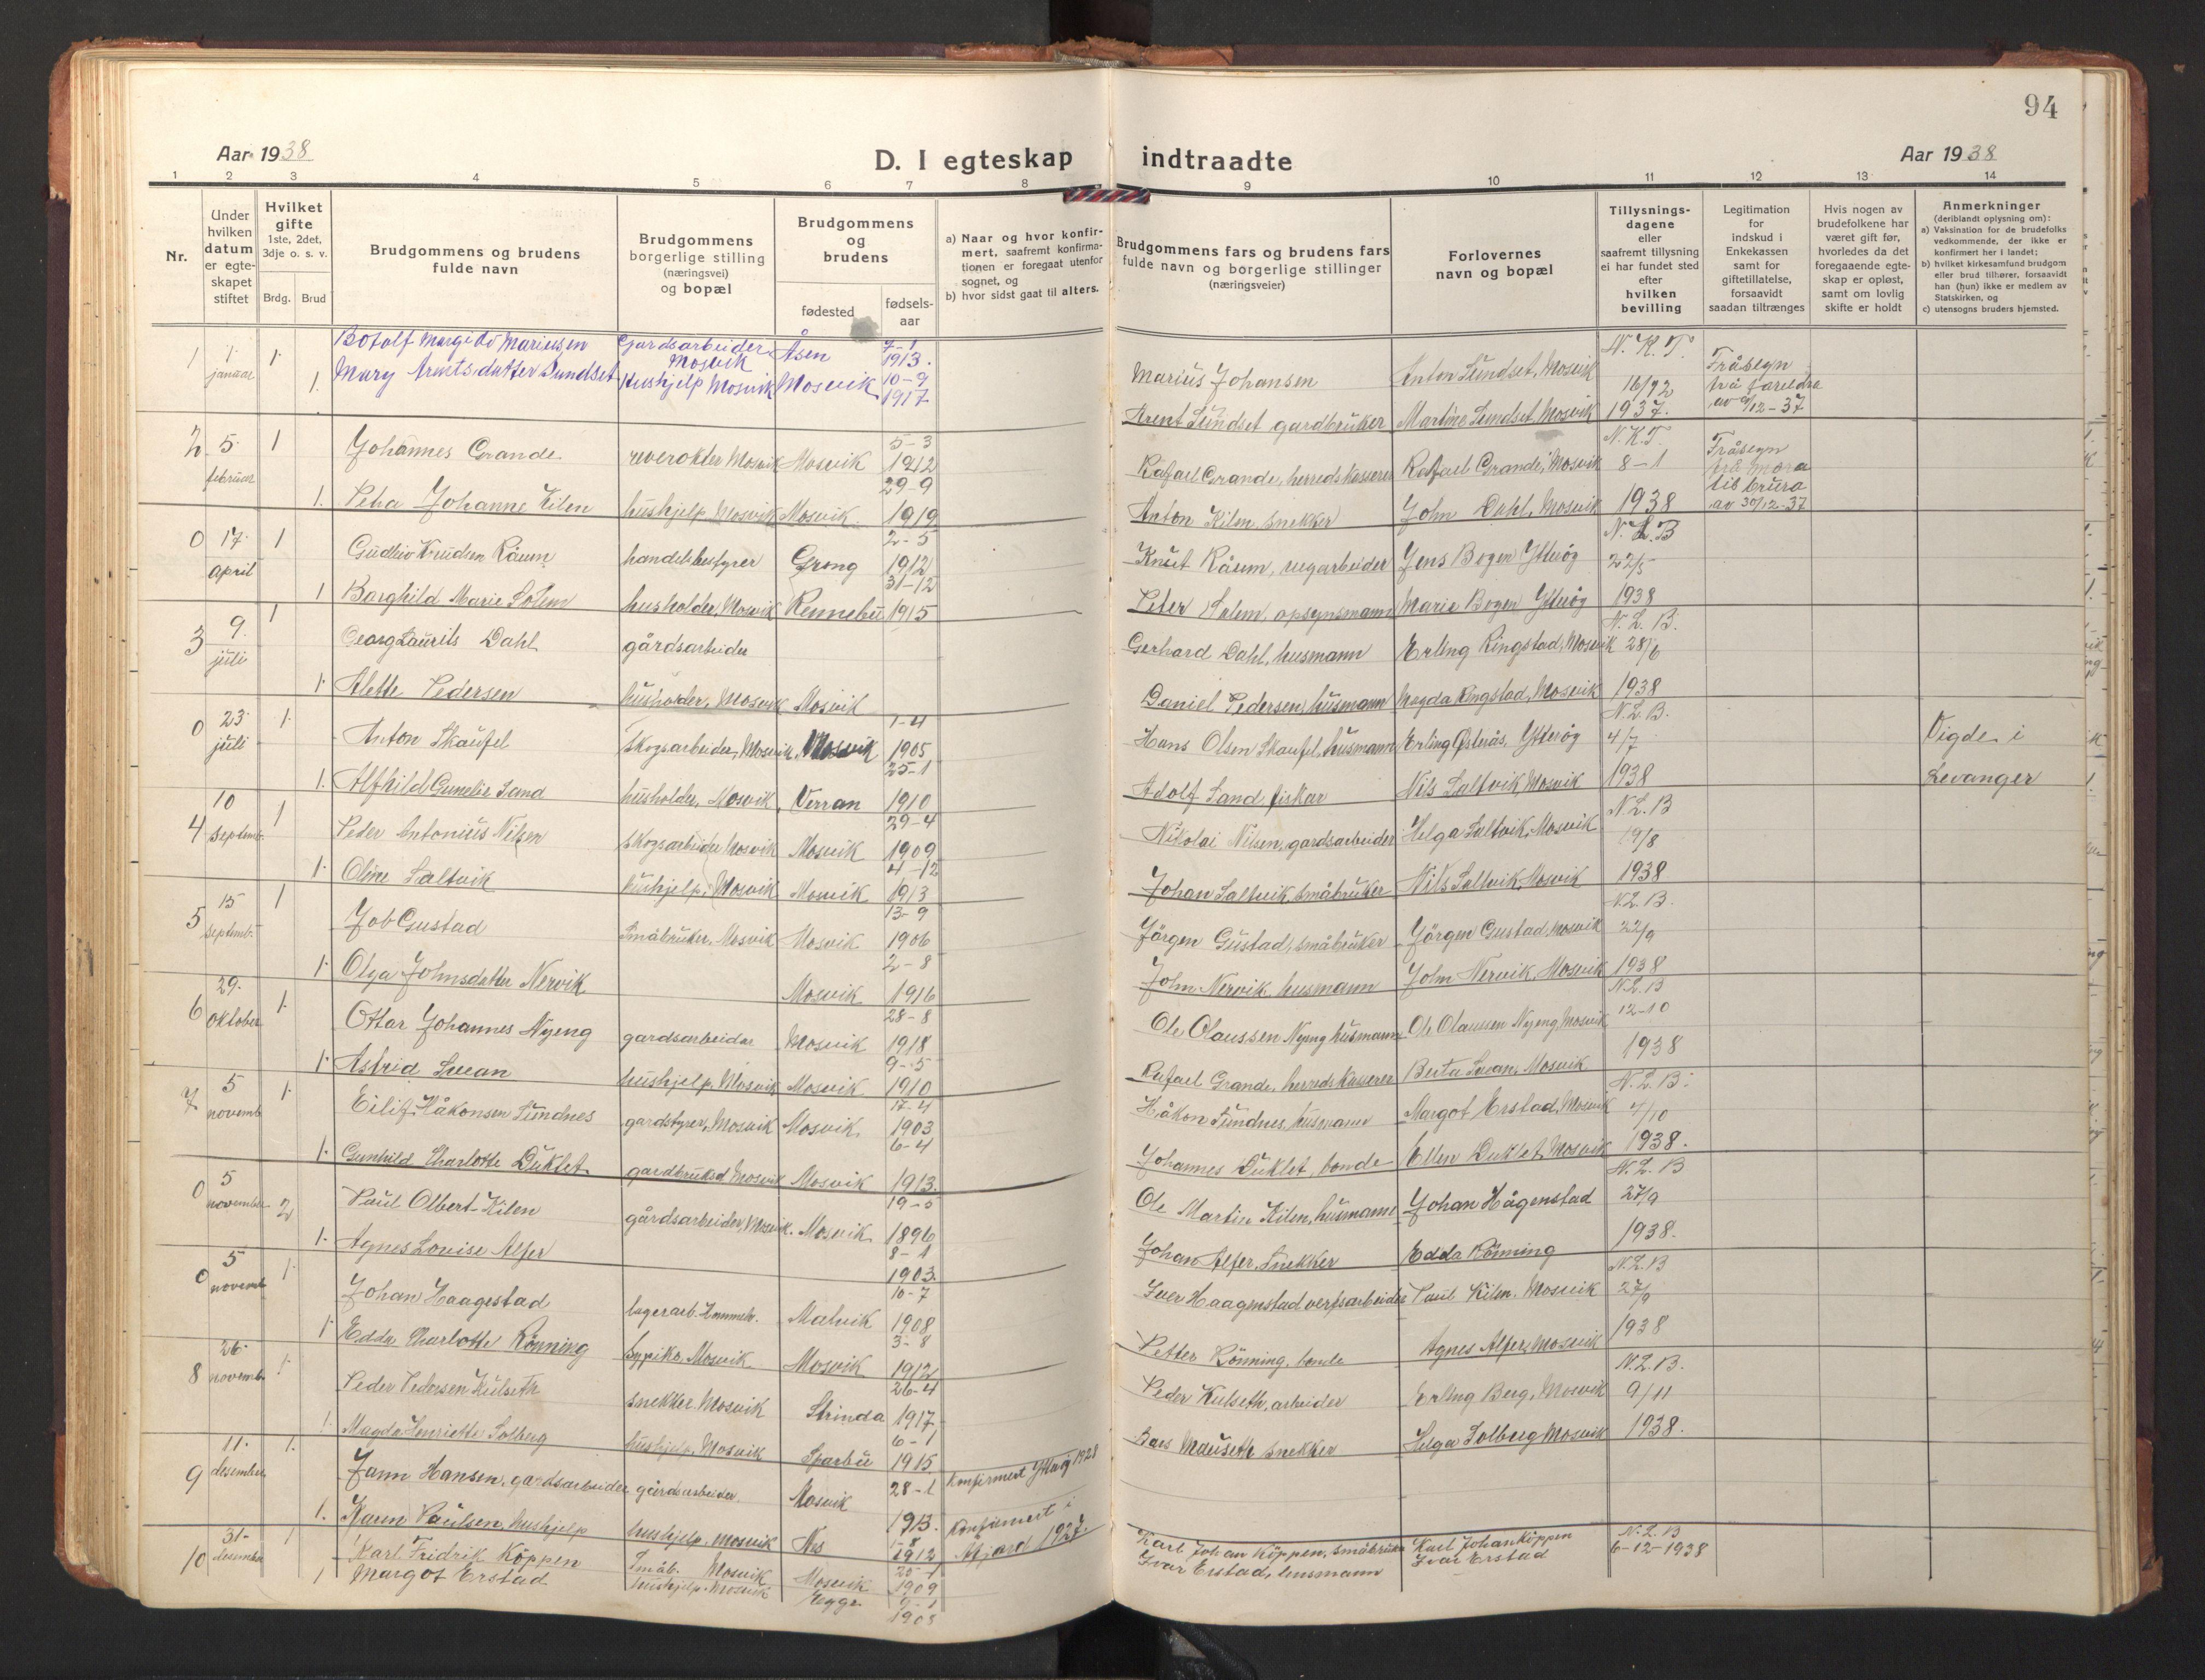 SAT, Ministerialprotokoller, klokkerbøker og fødselsregistre - Nord-Trøndelag, 733/L0328: Klokkerbok nr. 733C03, 1919-1966, s. 94